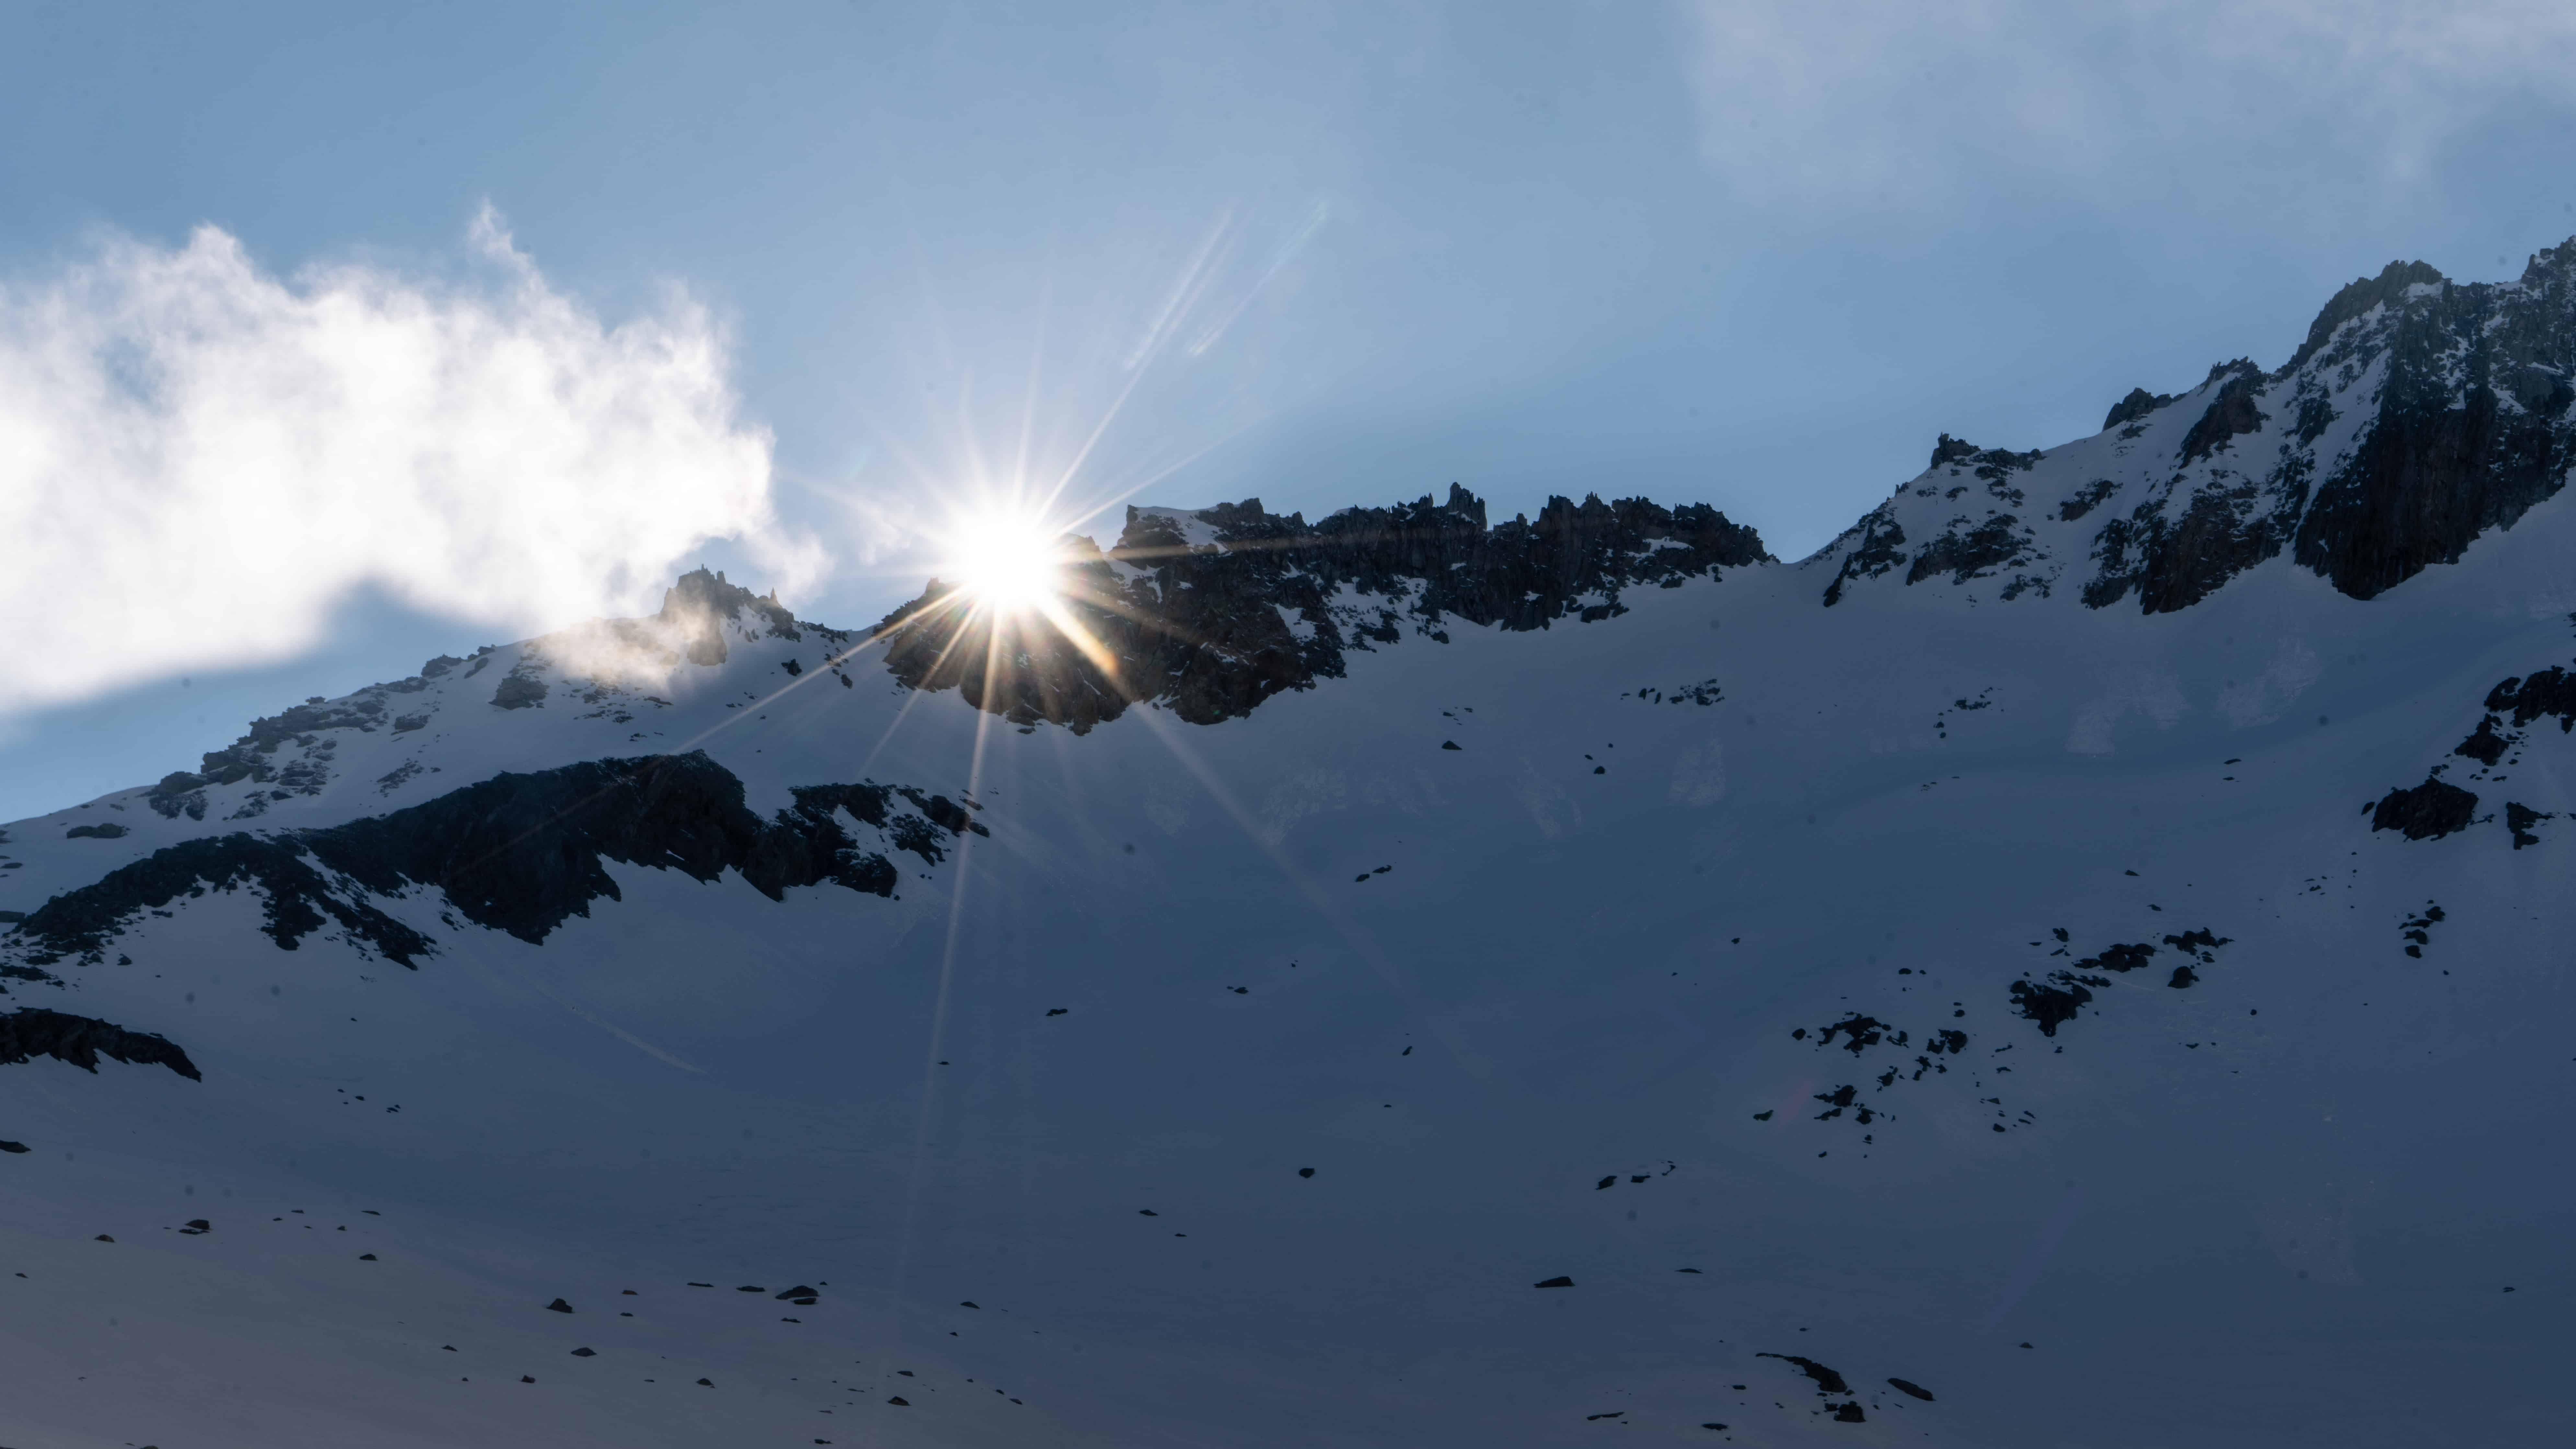 DSC00975 - Tourenbericht von der Almagellerhütte